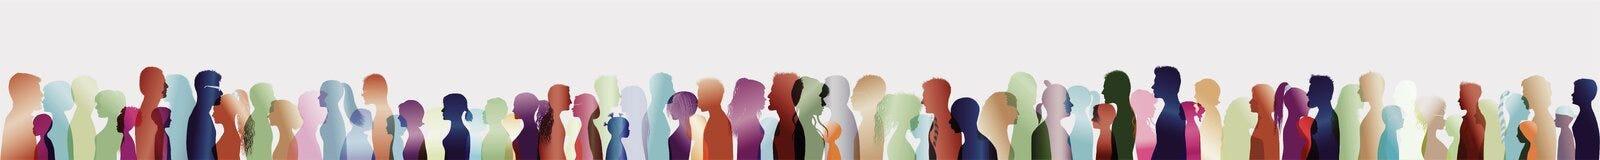 Foule parlante Grand groupe de personnes Dialogue entre les personnes Profils de silhouette Parler de gens ExposureTalking multip illustration libre de droits